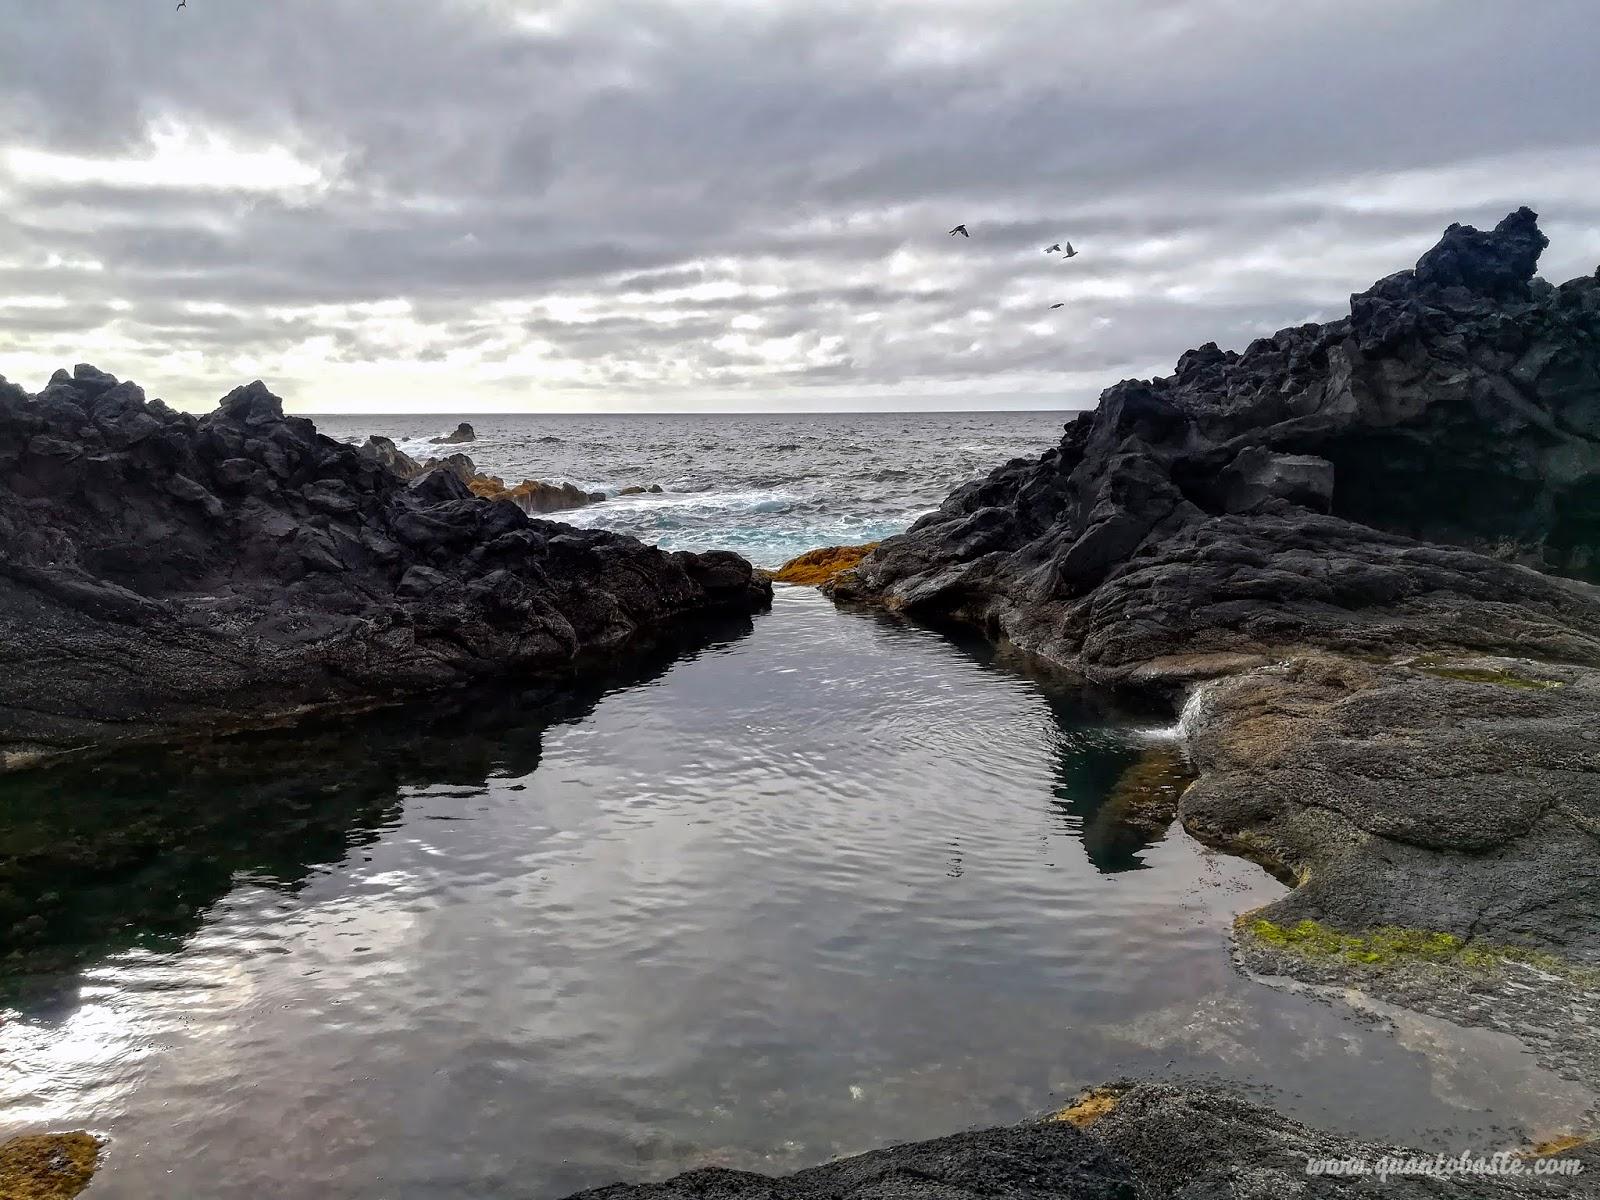 Piscinas Naturais dos Mosteiros - Ponta Delgada - São Miguel - Açores